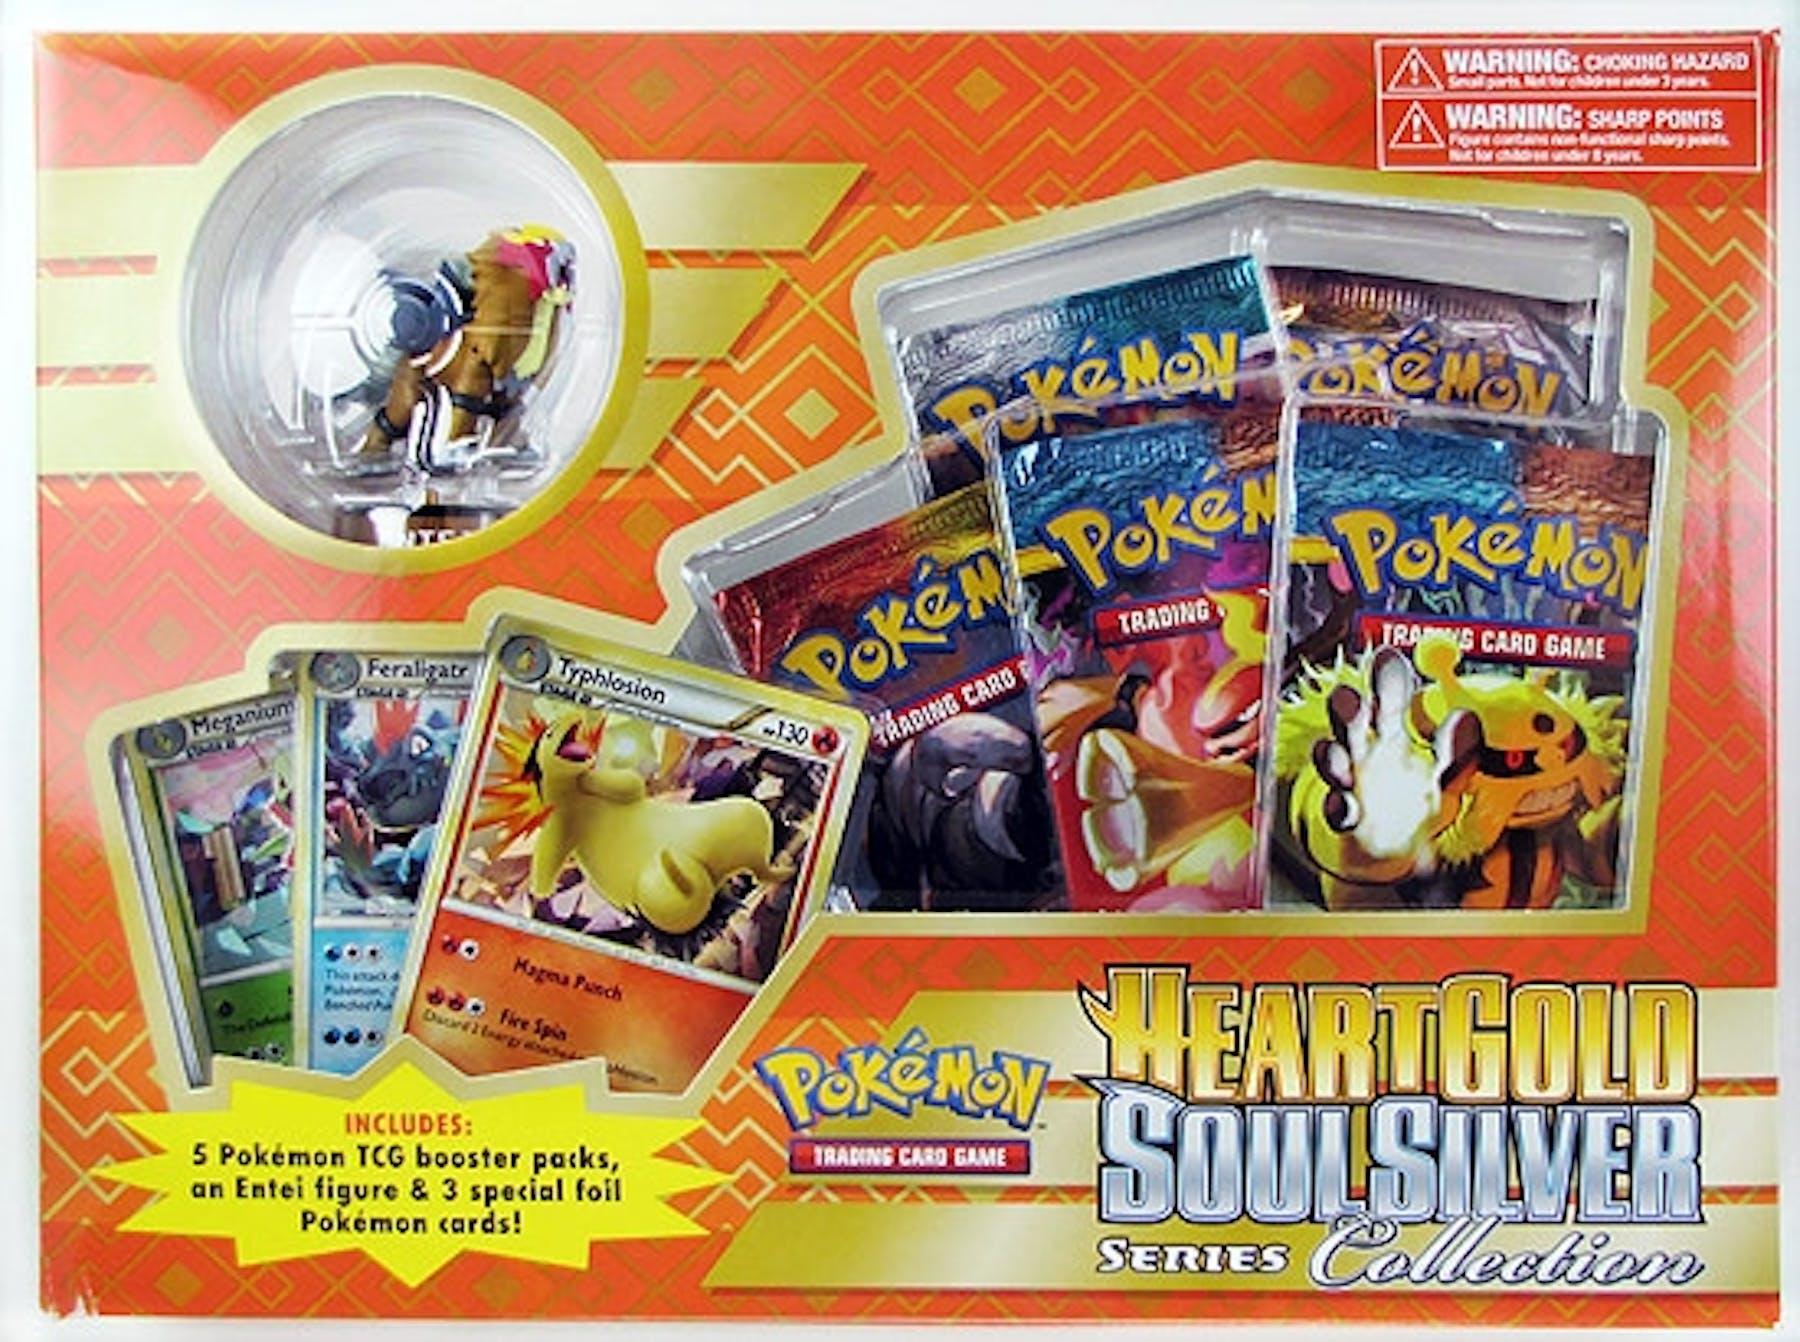 Pokemon Heartgold Amp Soulsilver Series Collection Box Da